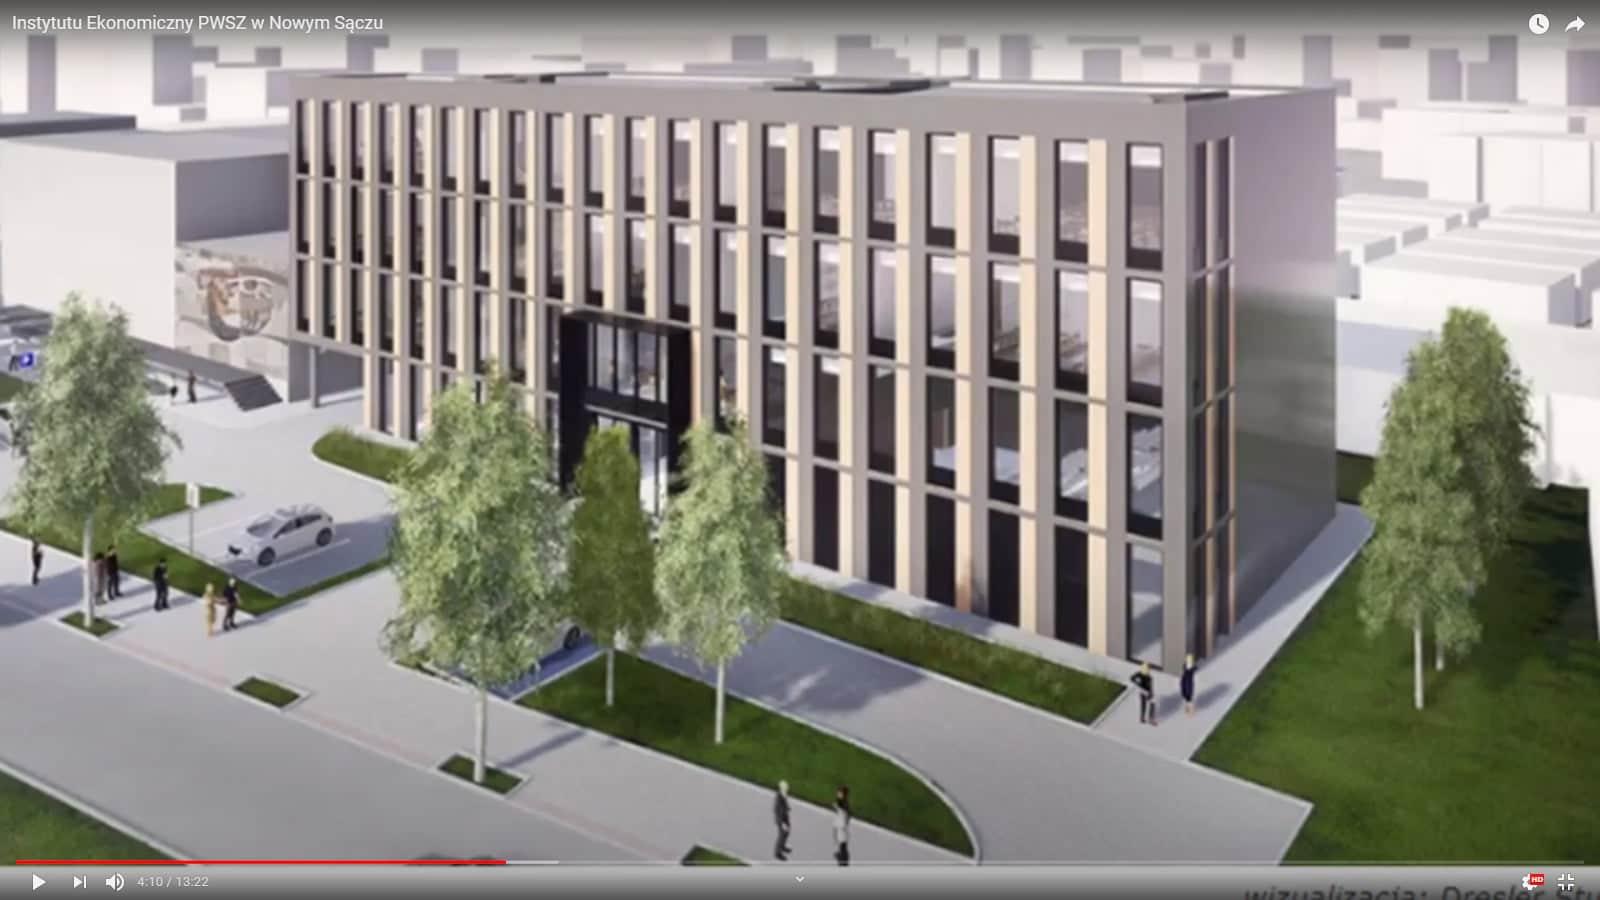 Instytut Ekonomiczny PWSZ Nowy Sącz